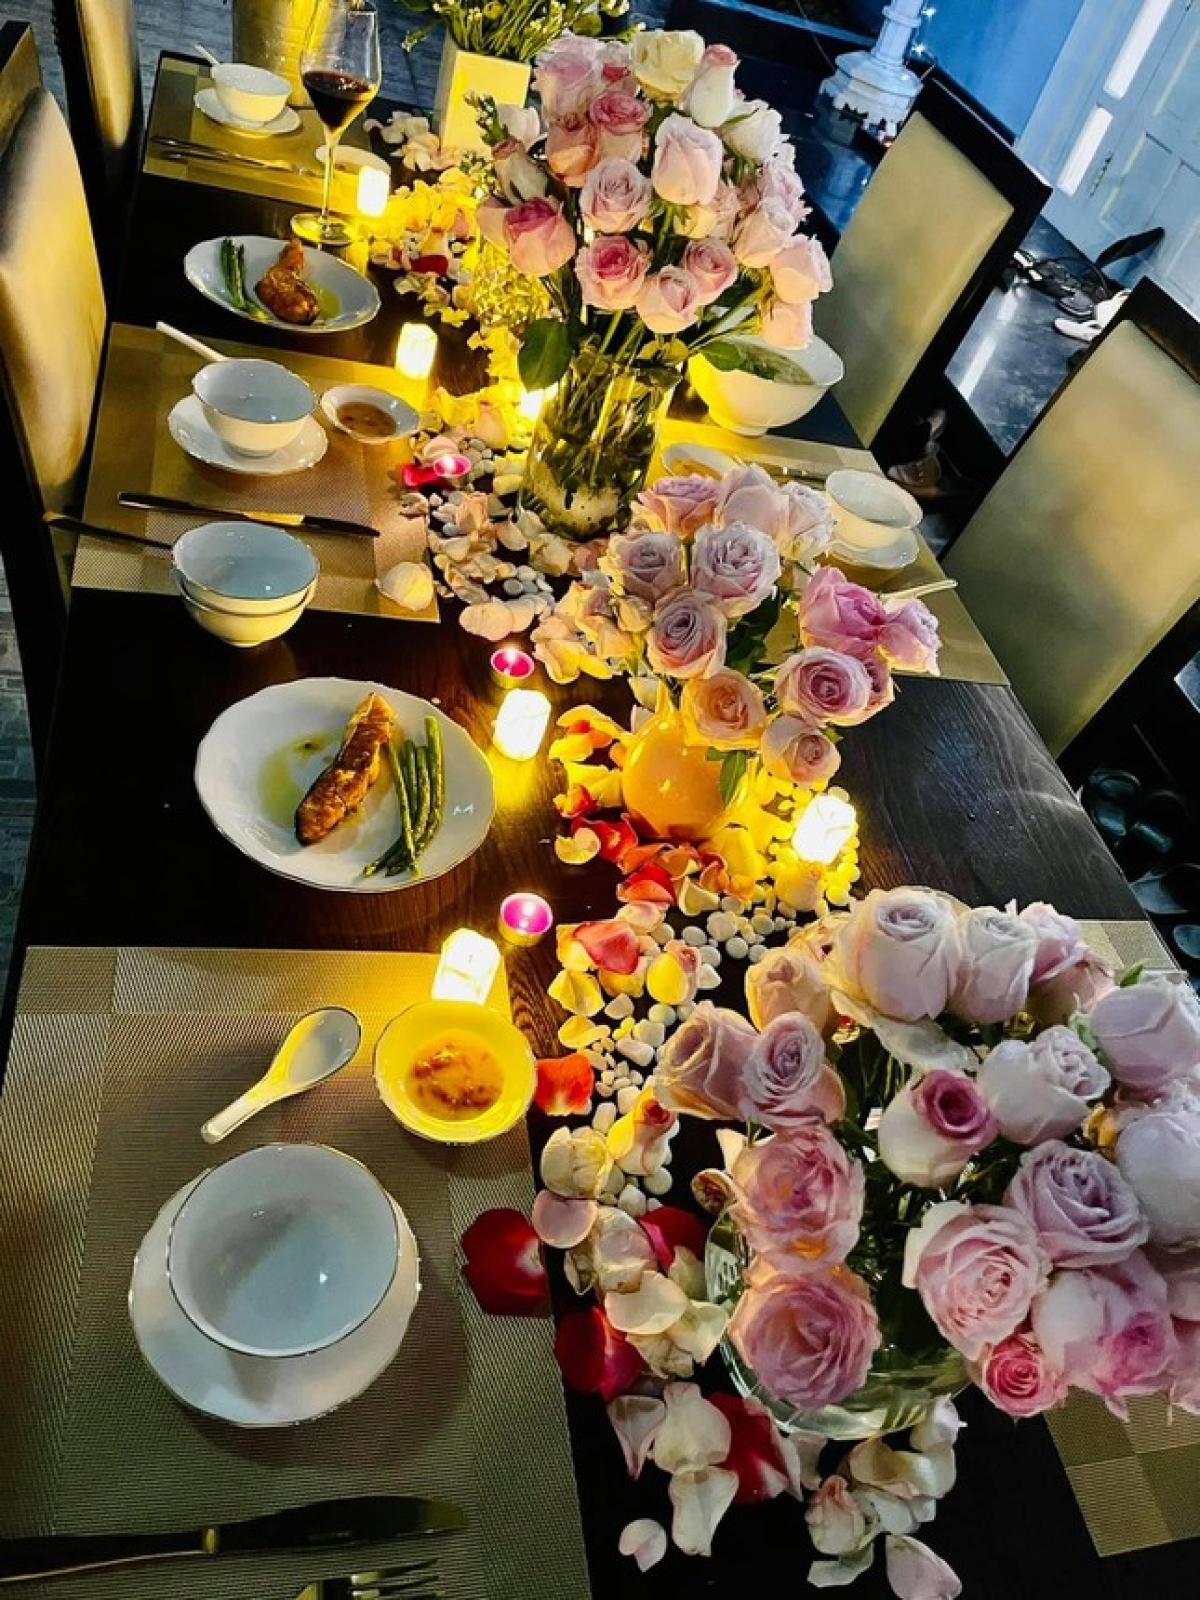 Trước đó, Á hậu Thuý An cũng đã nhận được lời chúc mừng sinh nhật đặc biệt từ dàn Hoa hậu, Á hậu Việt Nam.